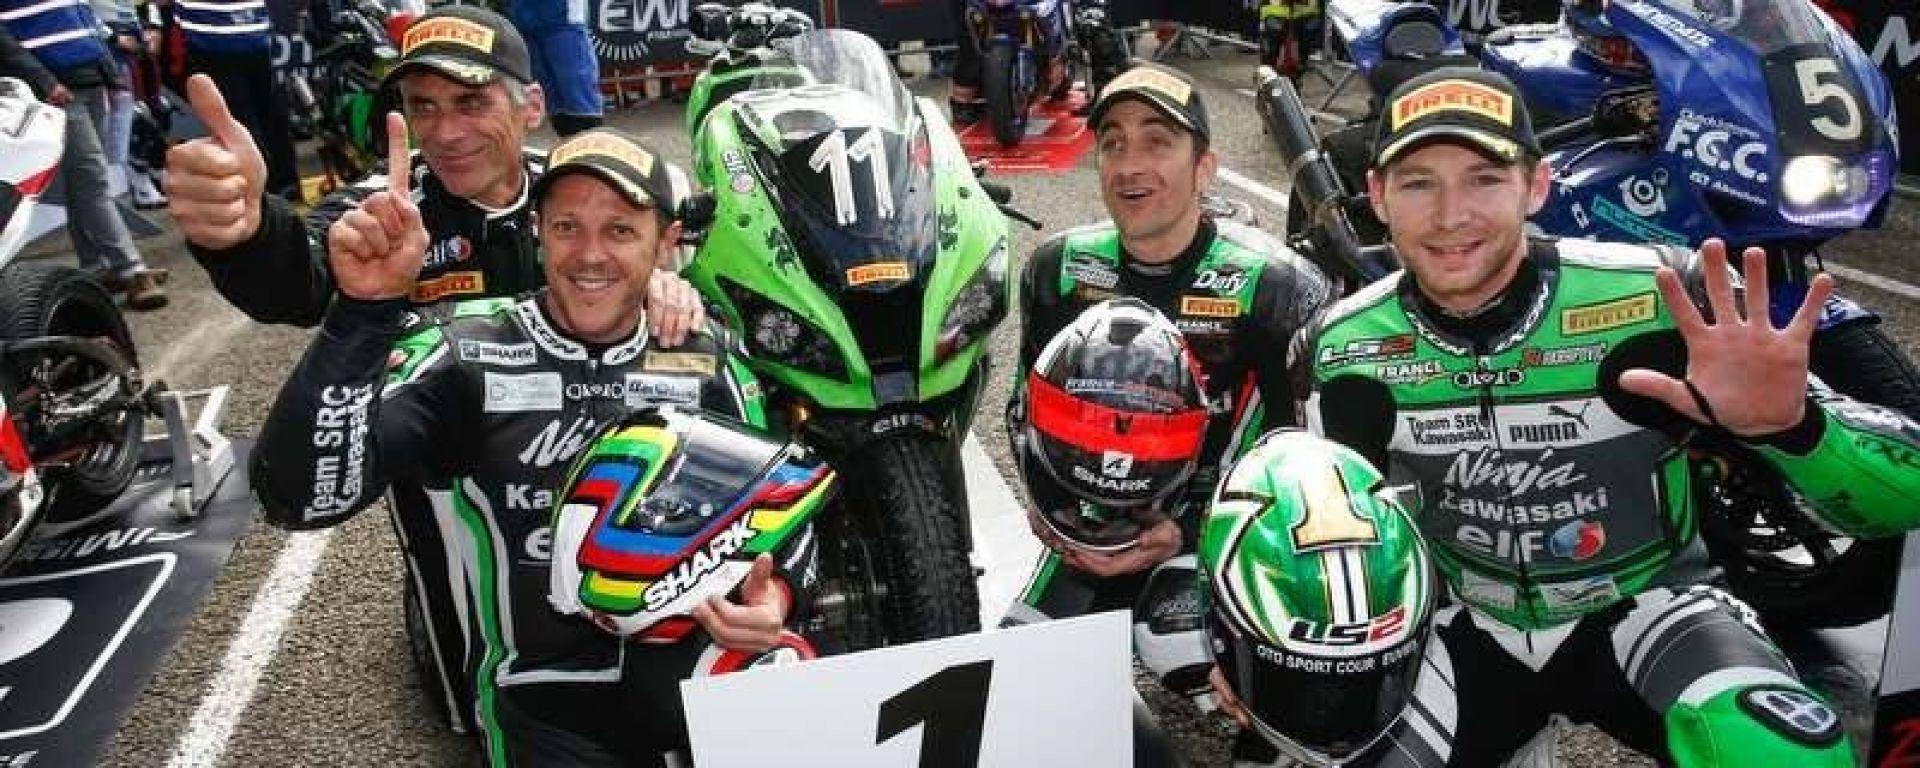 Pirelli vittoriosa alla 24 Ore di Le Mans Moto